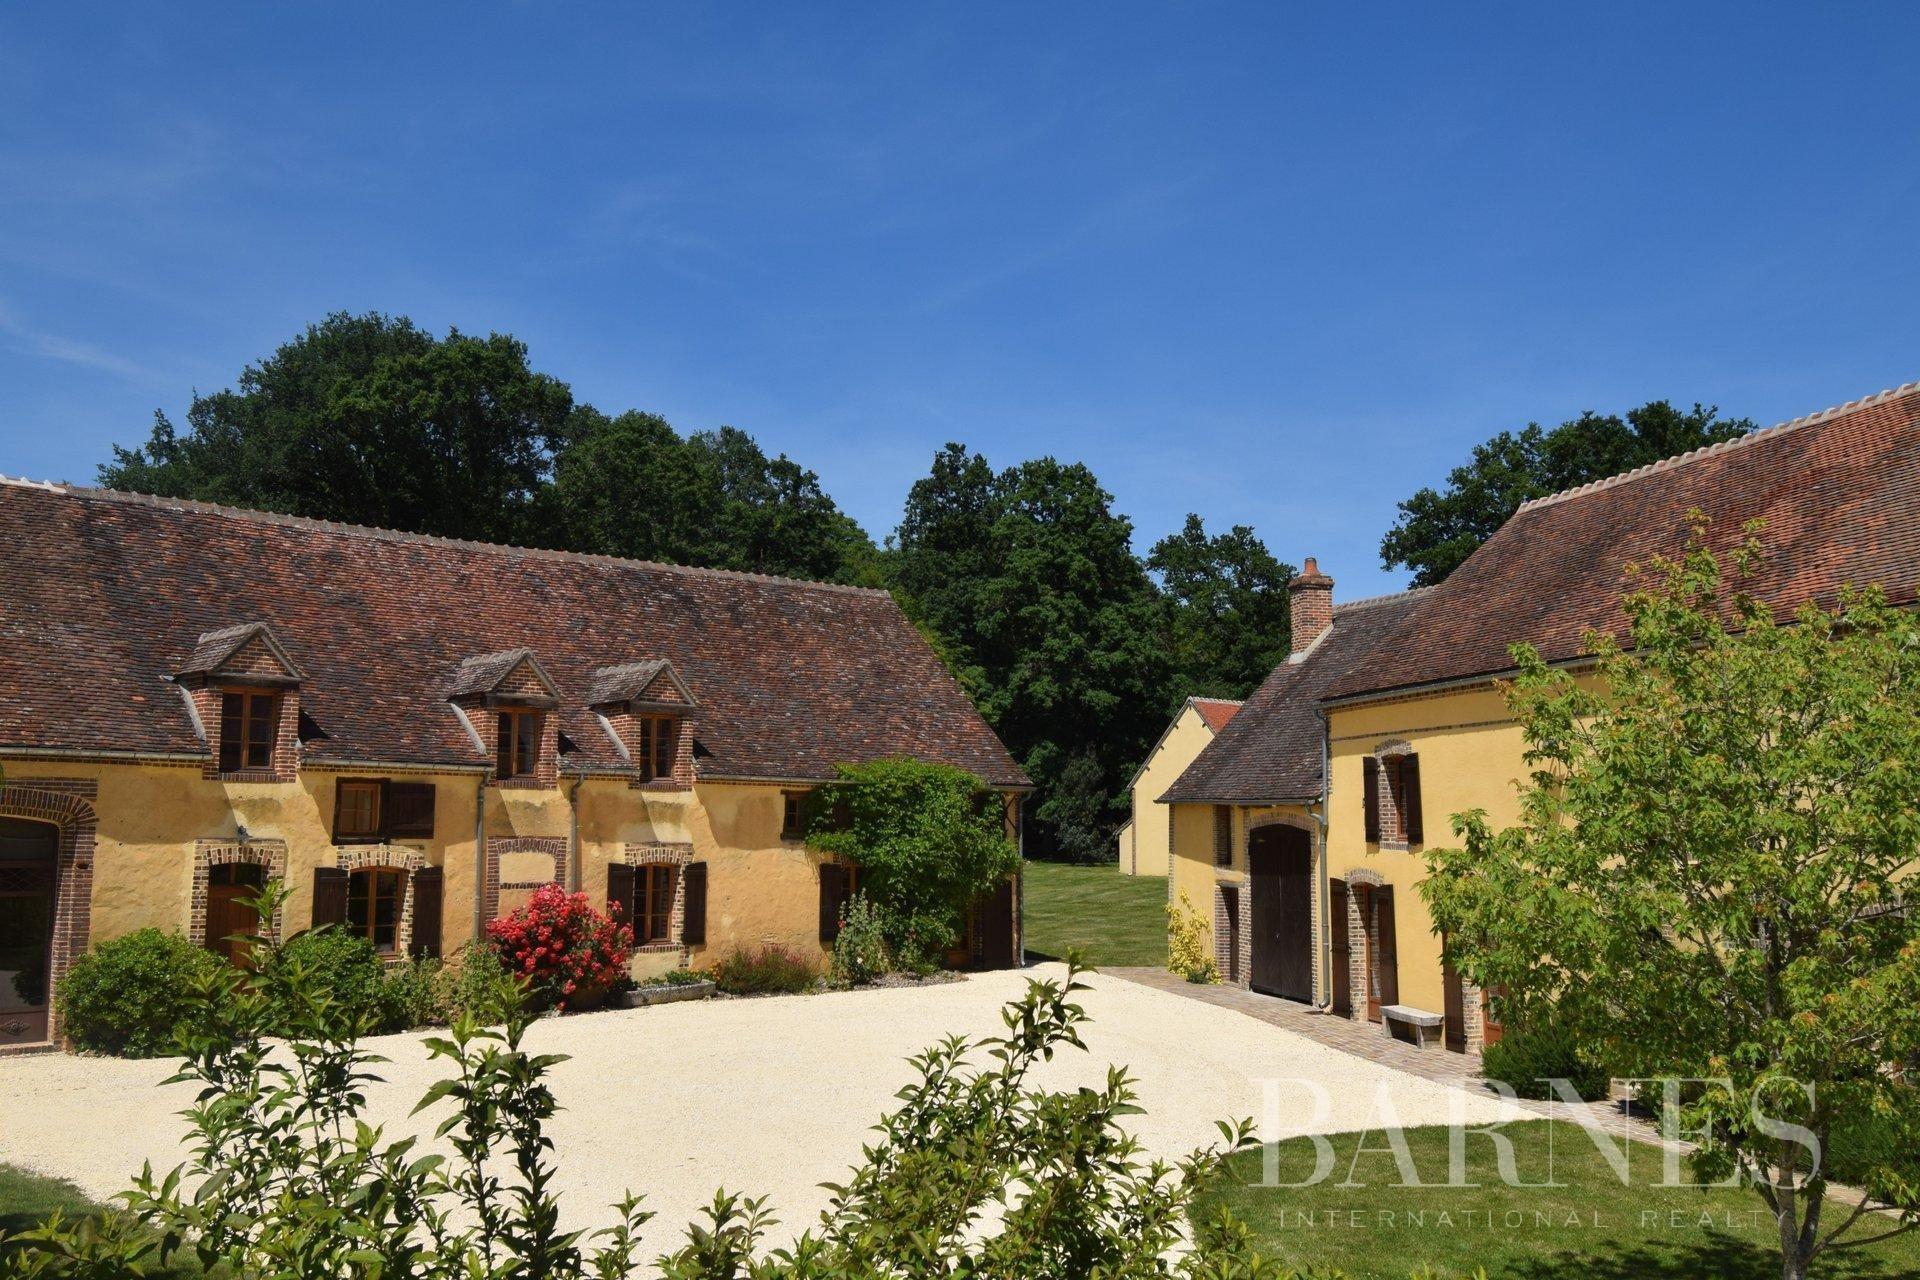 Haus in Saint-Sauveur-en-Puisaye, Bourgogne-Franche-Comté, Frankreich 1